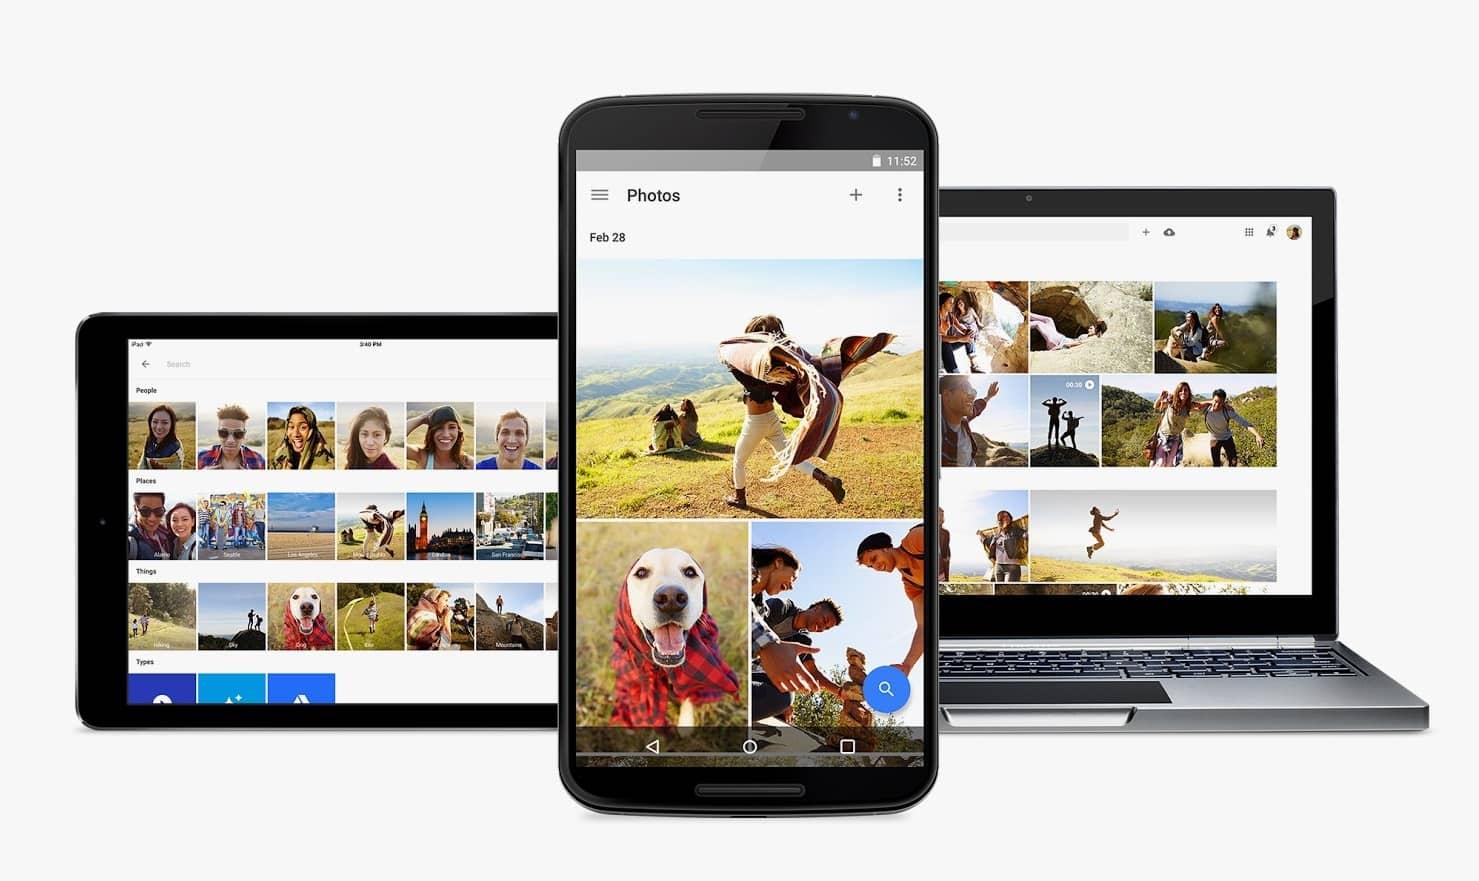 çeşitli cihazlarda google fotoğrafları